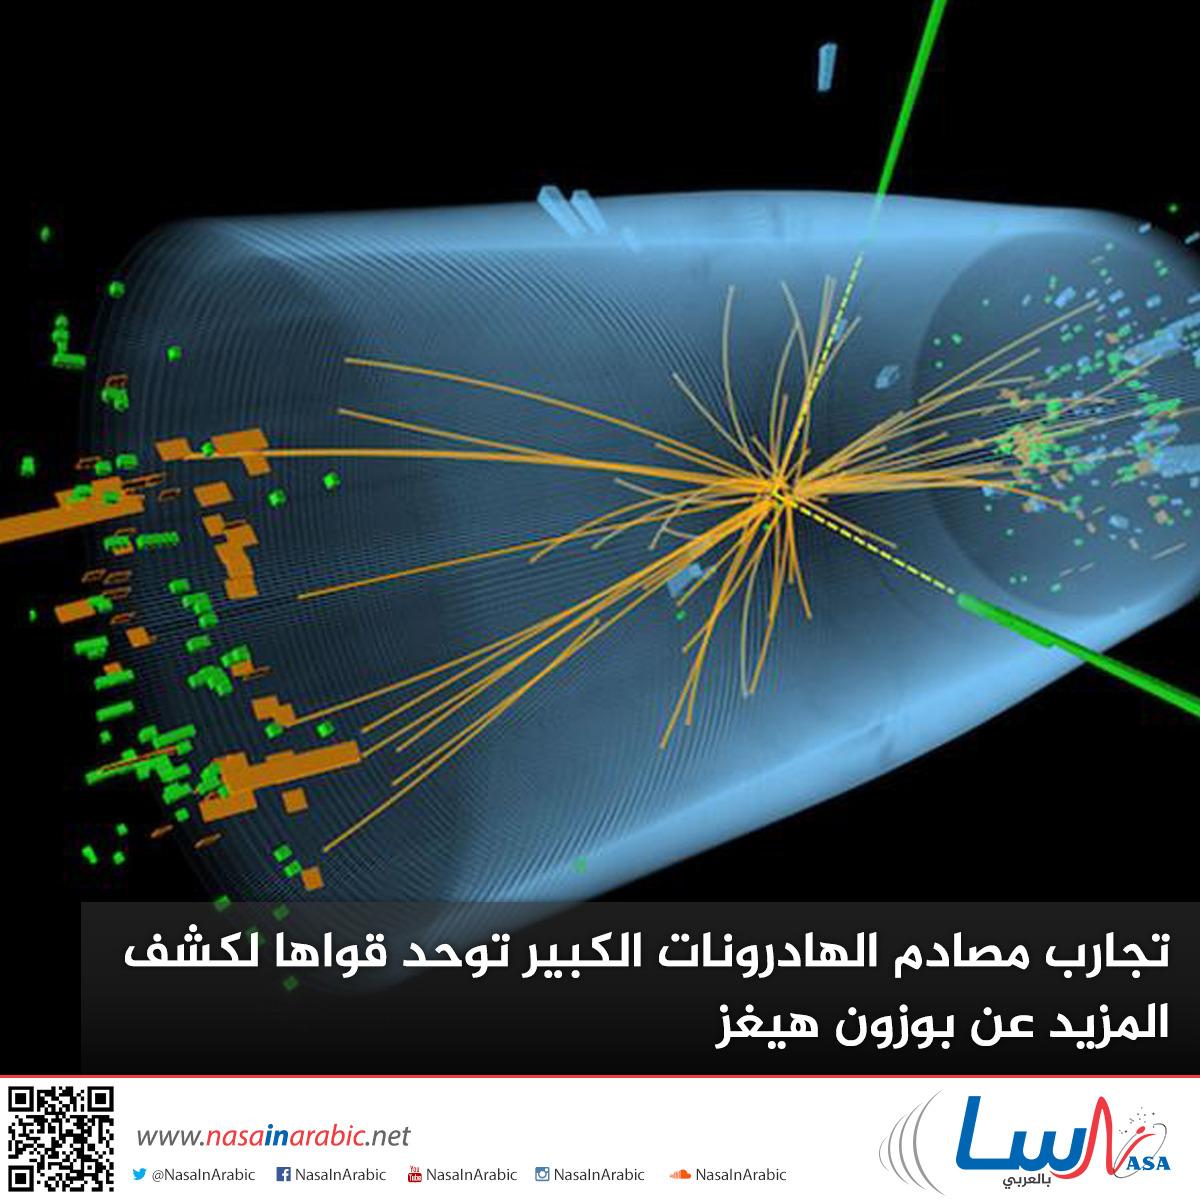 تجارب مصادم الهادرونات الكبير توحد قواها لكشف المزيد عن بوزون هيغز